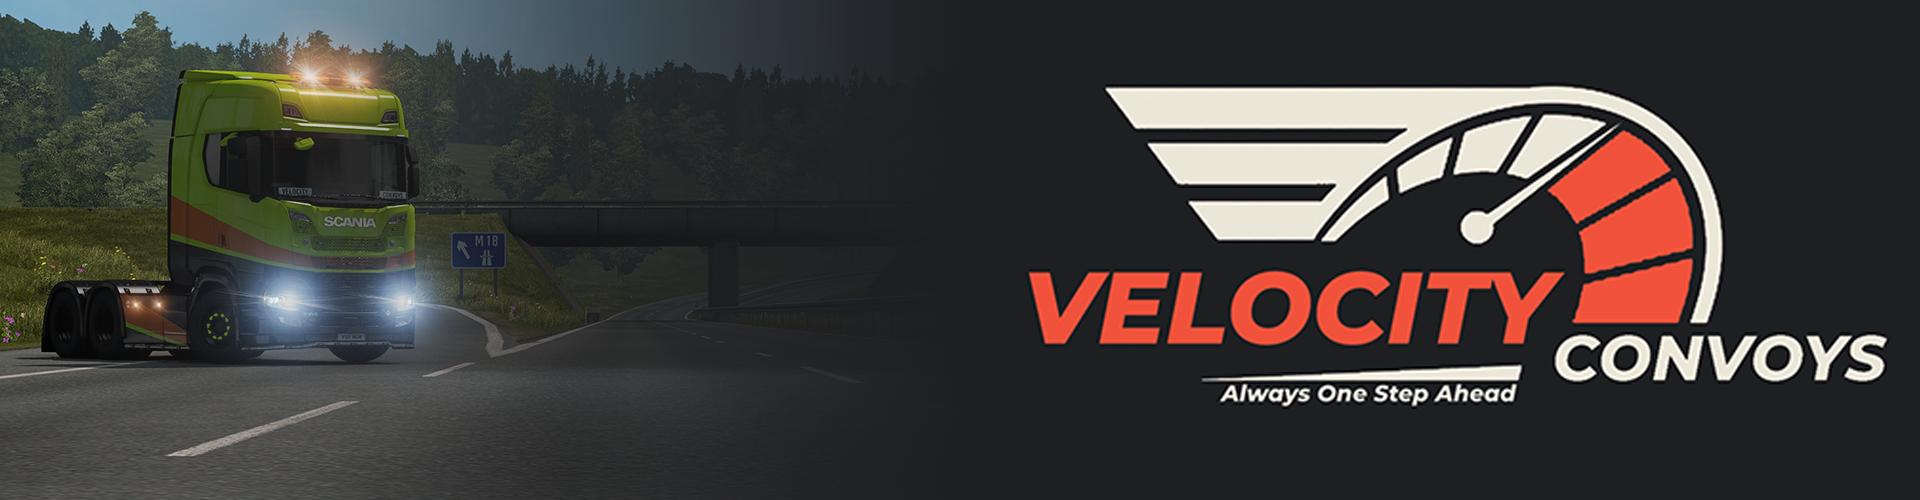 Velocity Convoys Presents: The Sequel